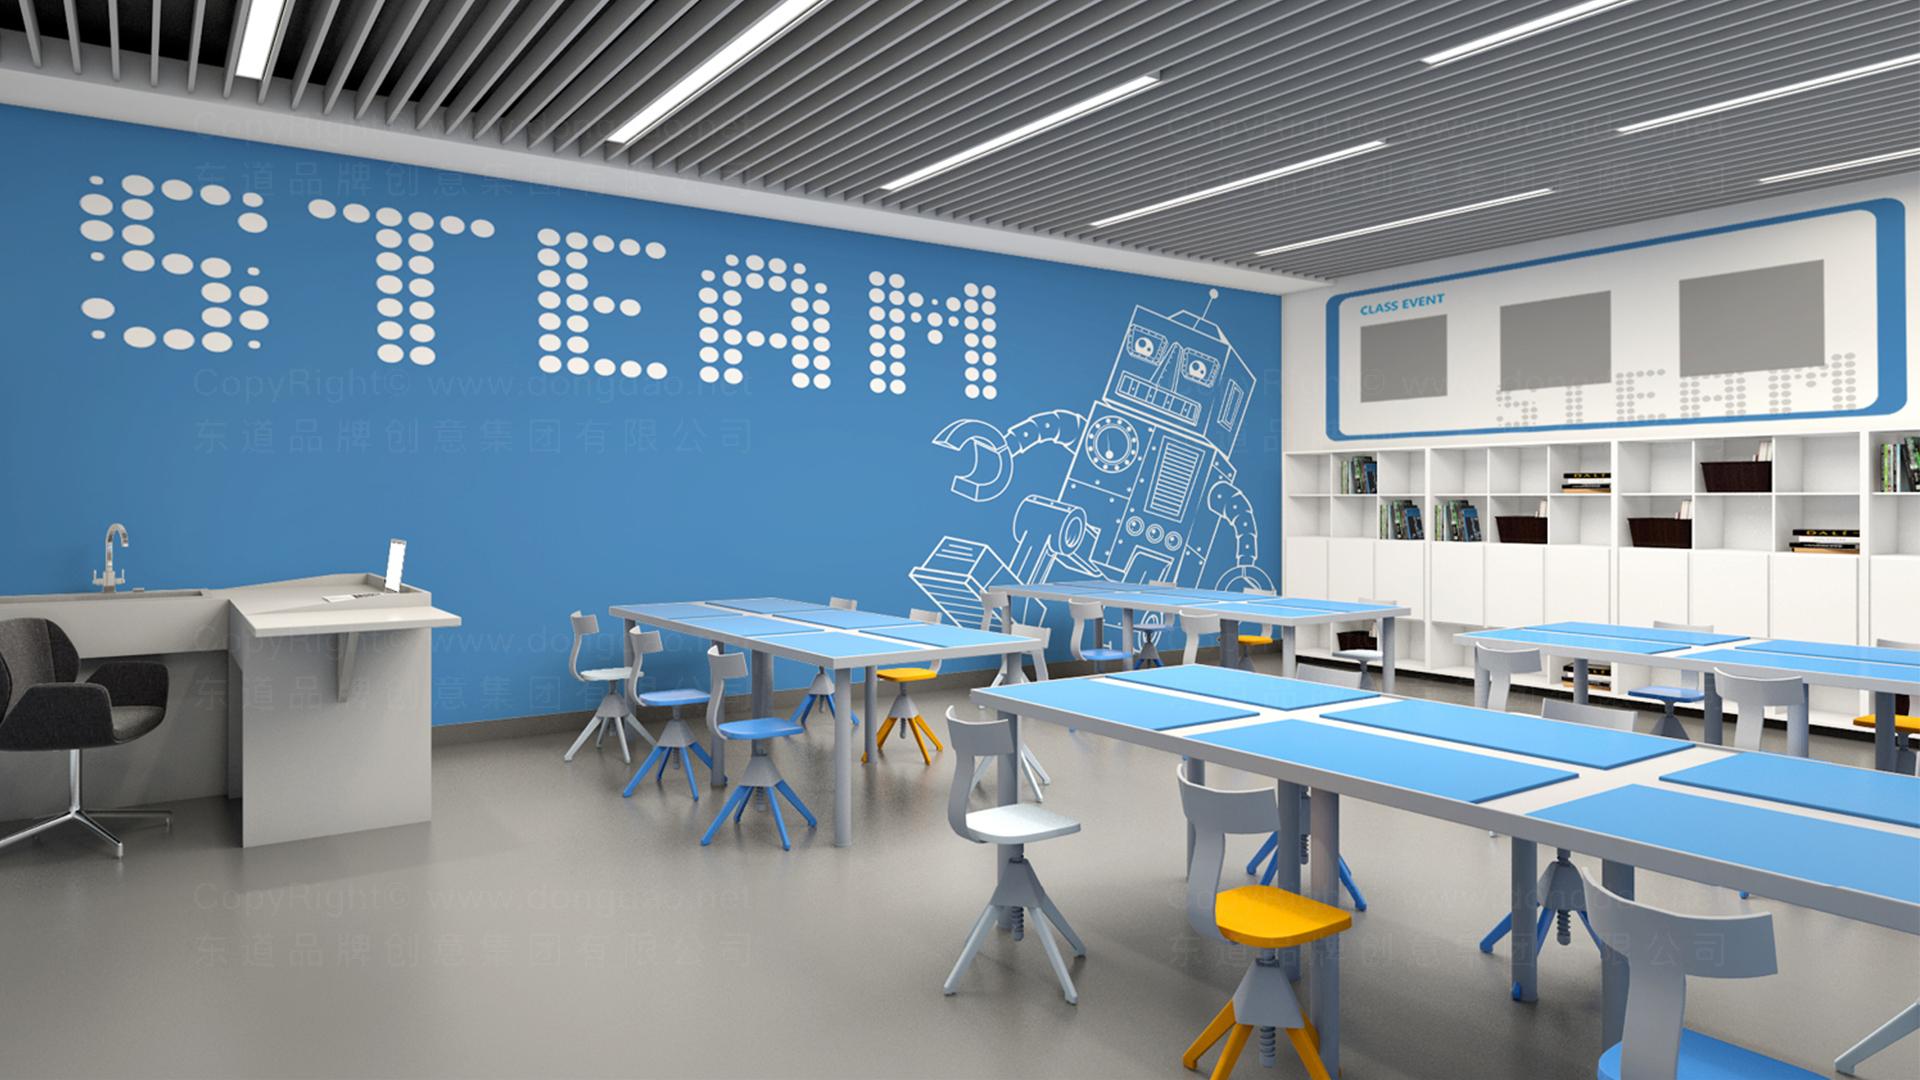 商业空间&导示案例优创智合虚拟店SI平面布局图设计